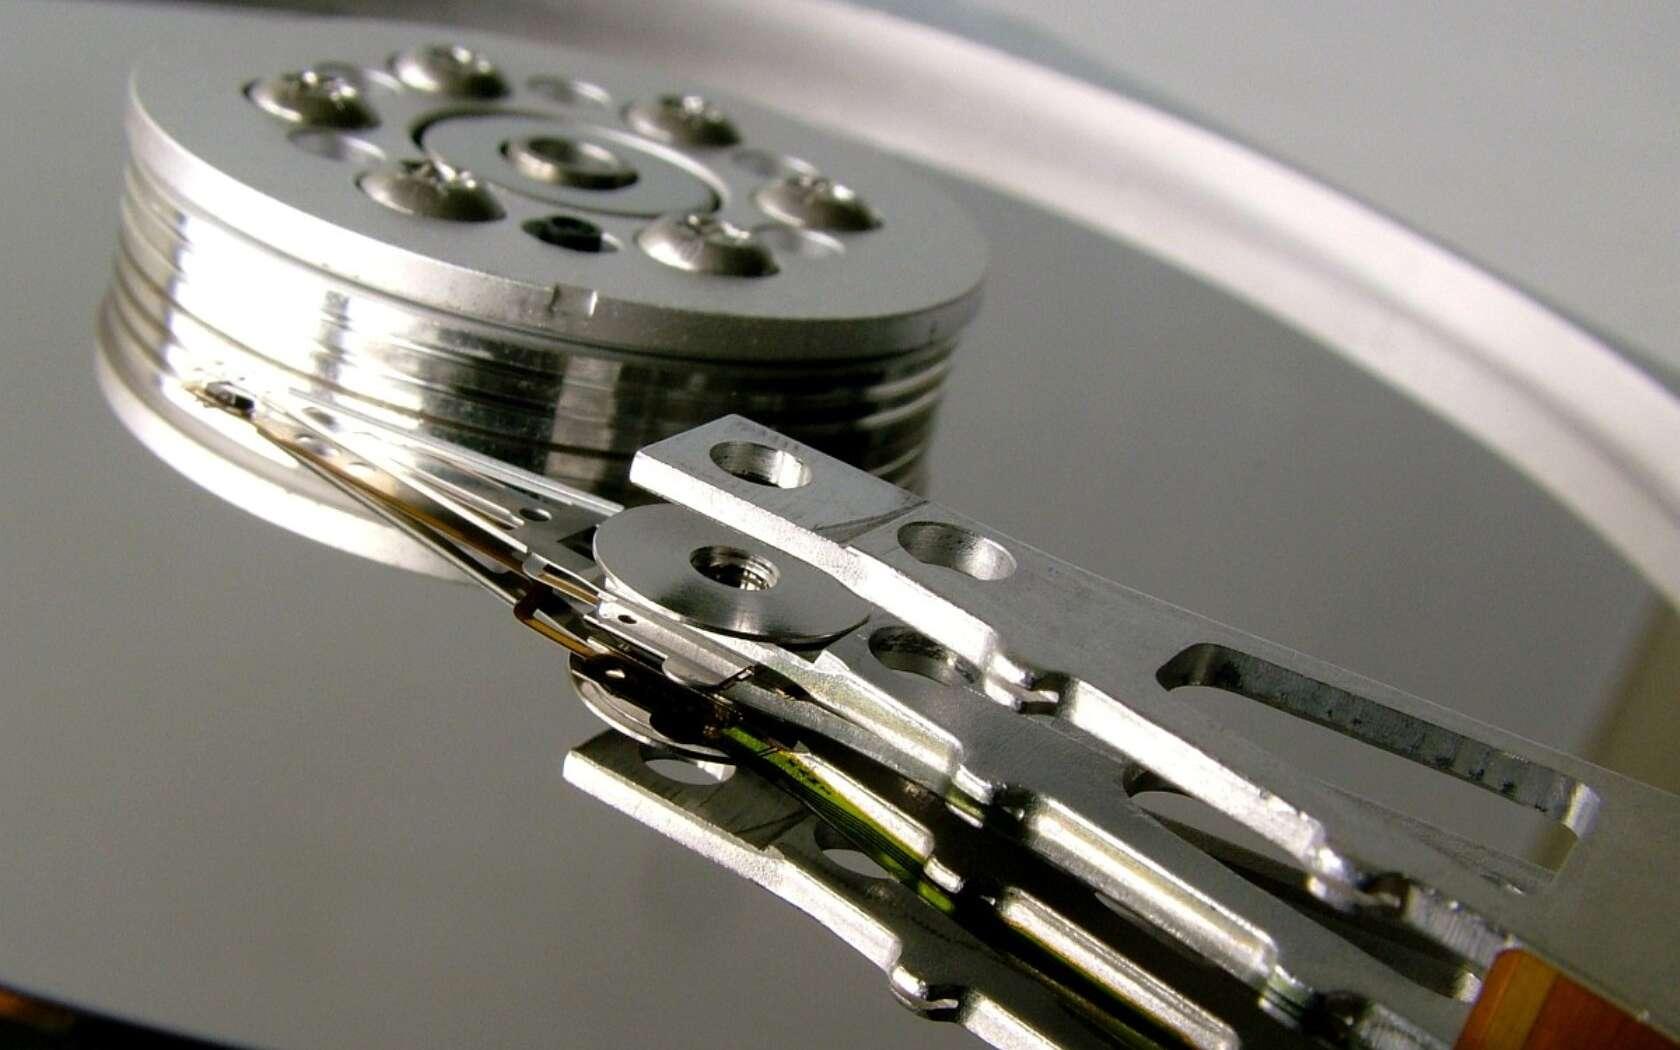 La magnétorésistance est utilisée dans les têtes de lecture des disques d'ordinateurs. © dervishe, Flickr CC by nc 2.0